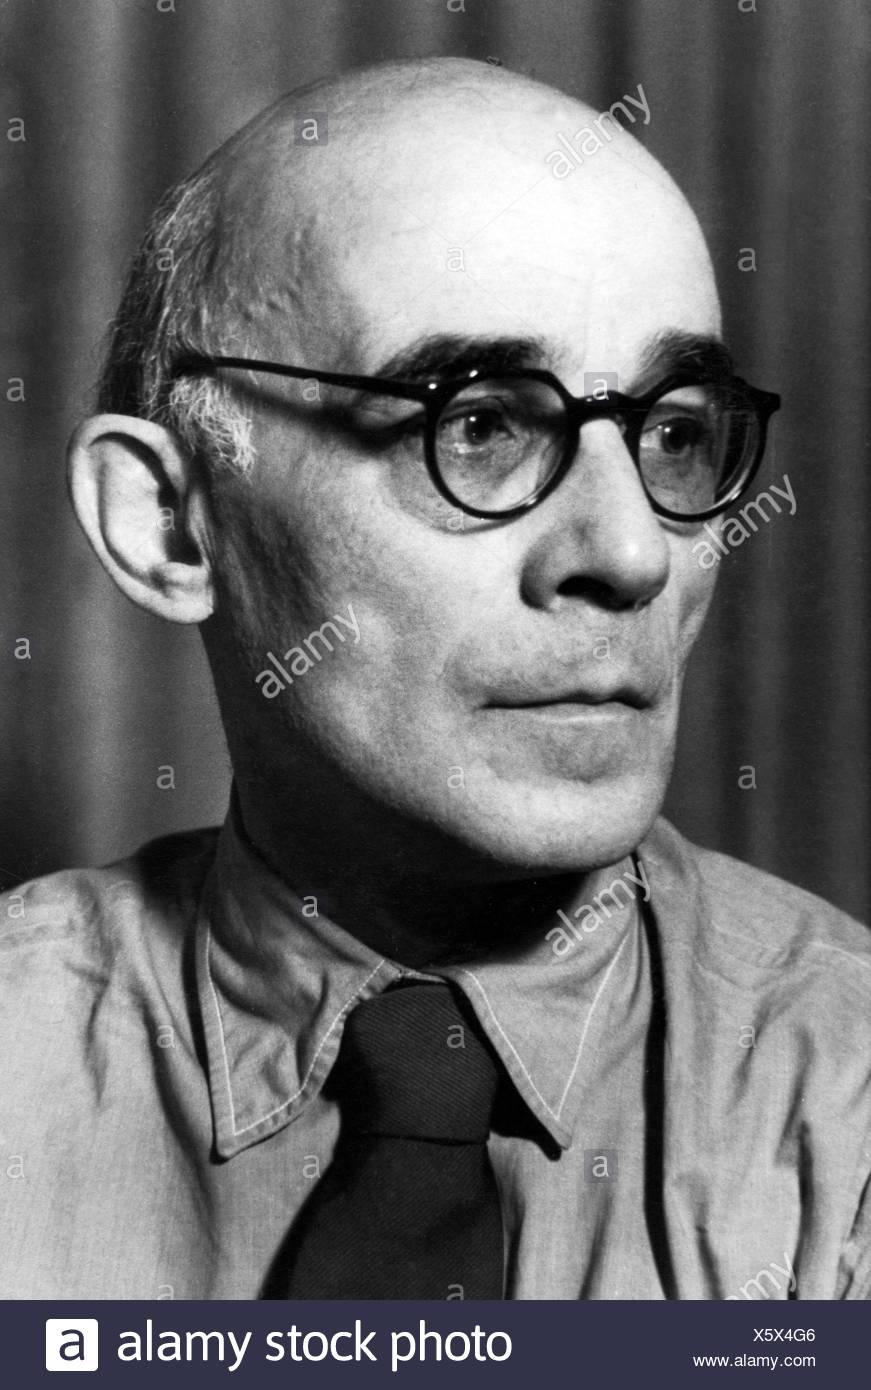 Engel, Erich, 14.2.1891 - 10.5.1966, deutscher Theater- und Filmregisseur, Porträt, 1940er Jahre, Additional-Rights-Spiel-NA Stockbild